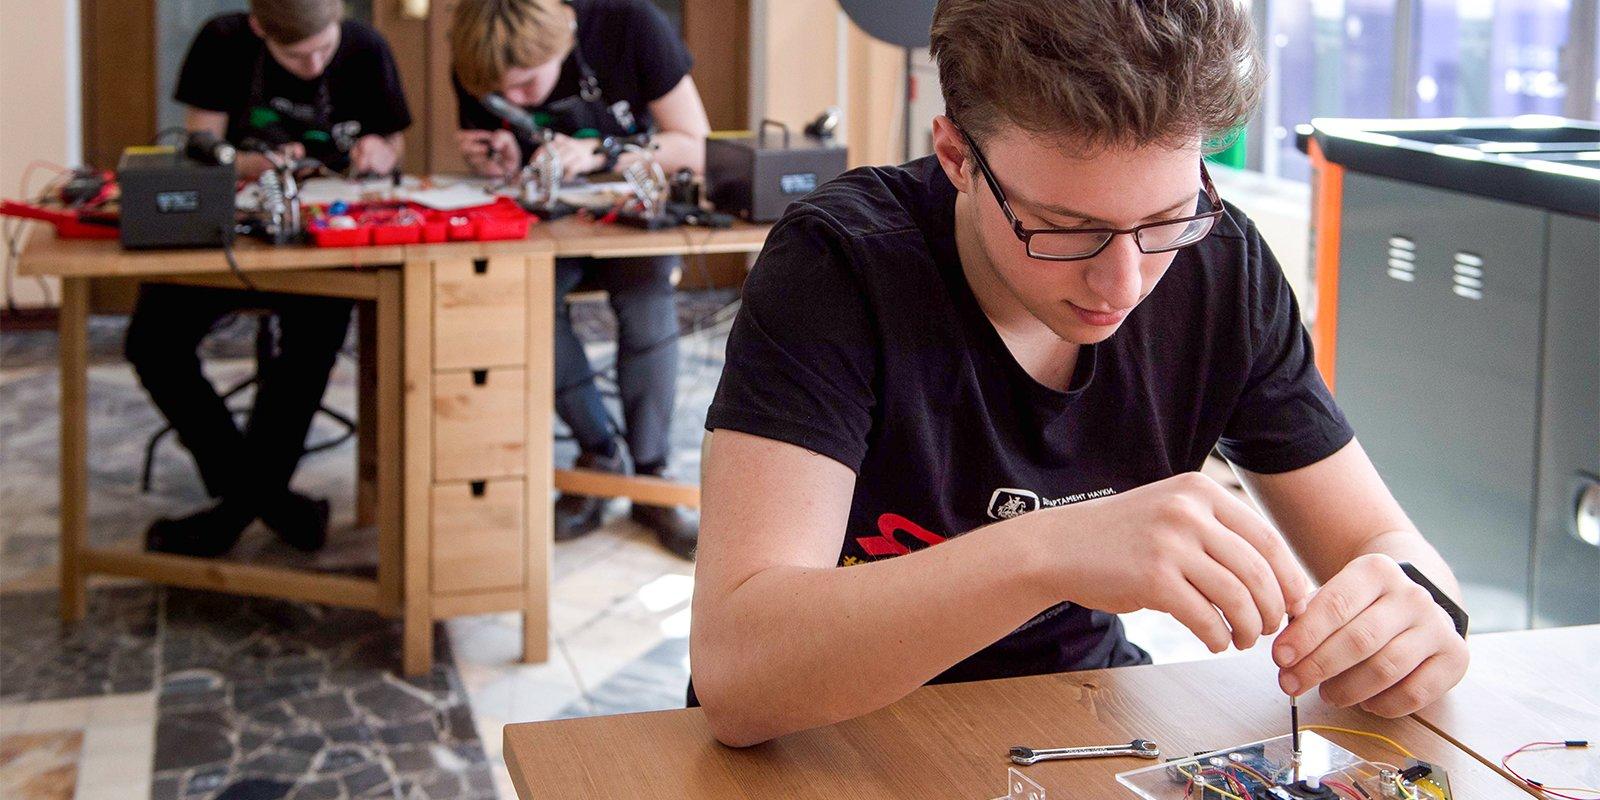 Жители столицы выбрали новые программы для детских технопарков